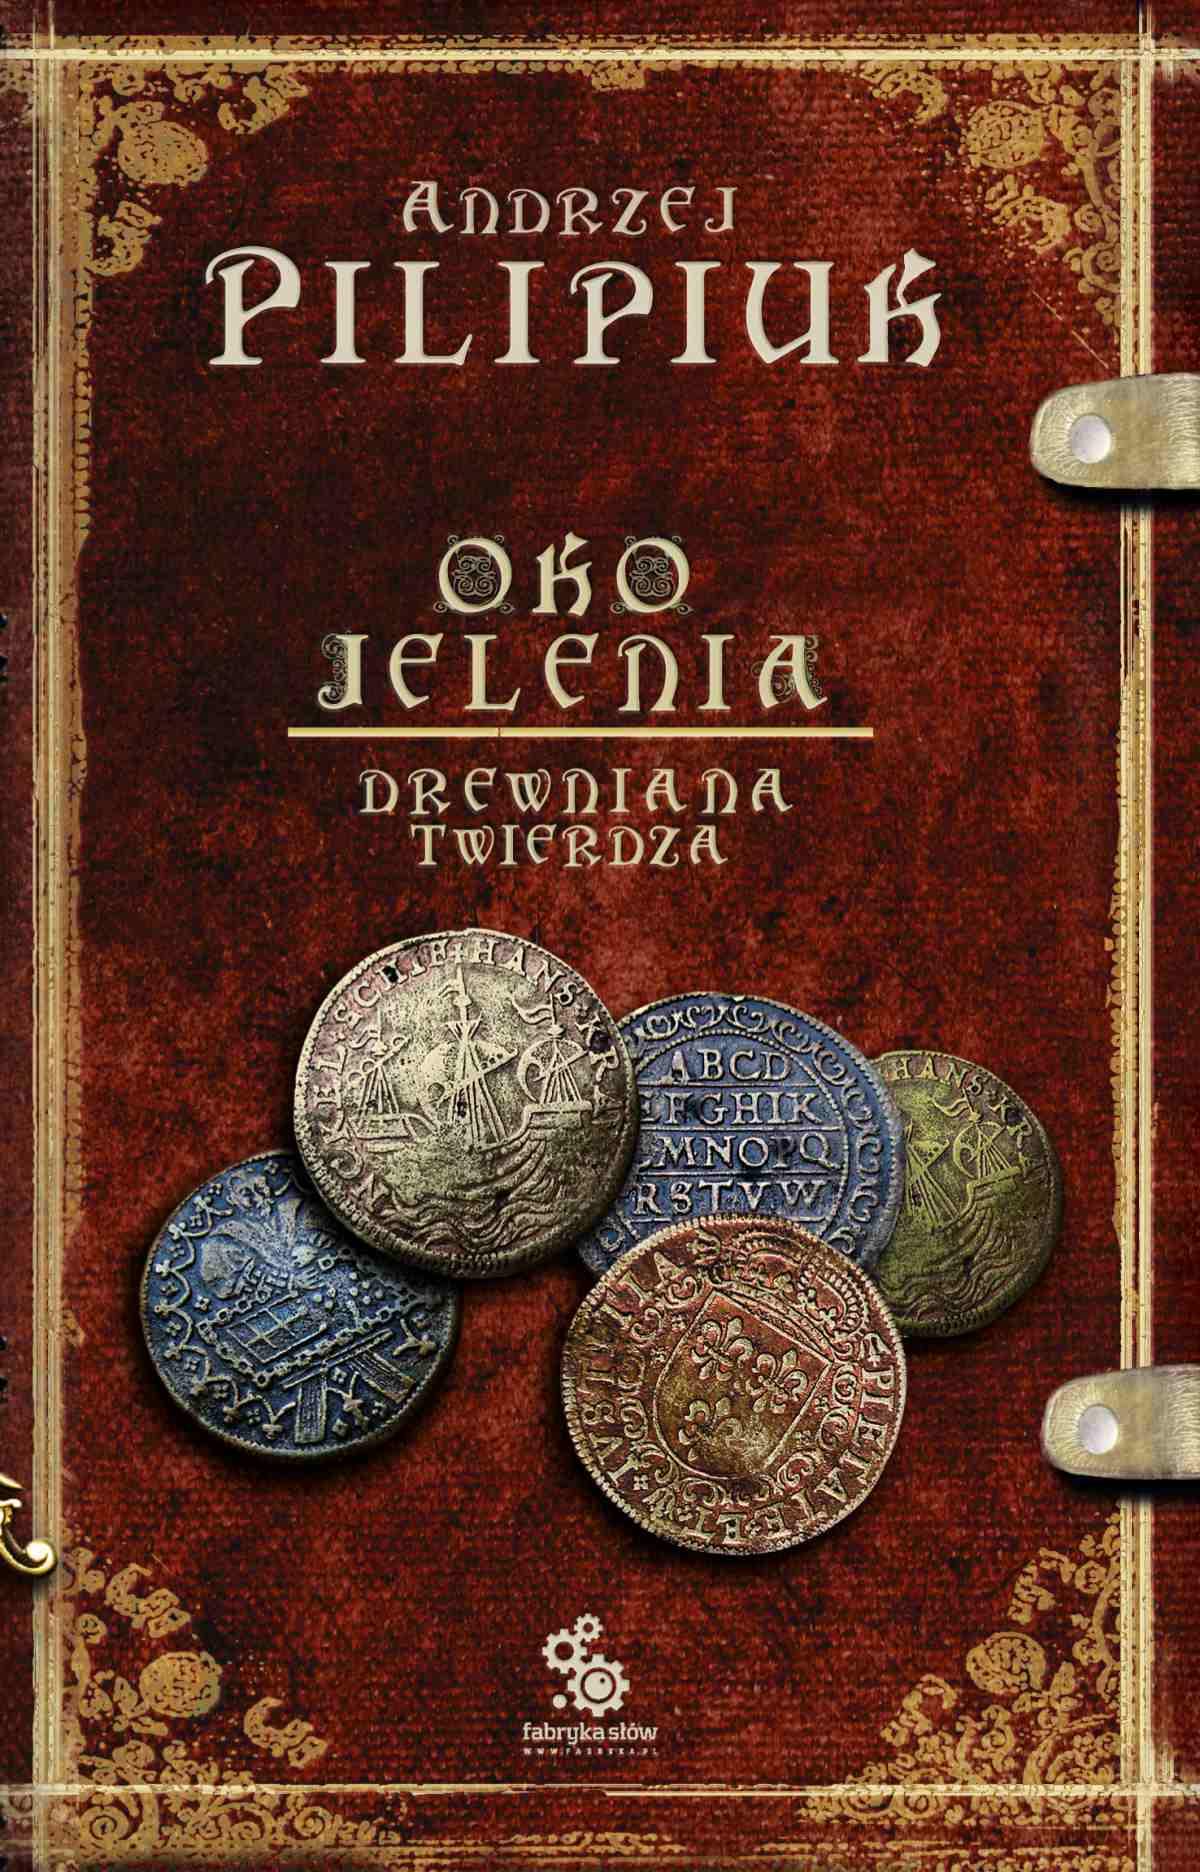 Oko Jelenia. Drewniana Twierdza - Ebook (Książka na Kindle) do pobrania w formacie MOBI